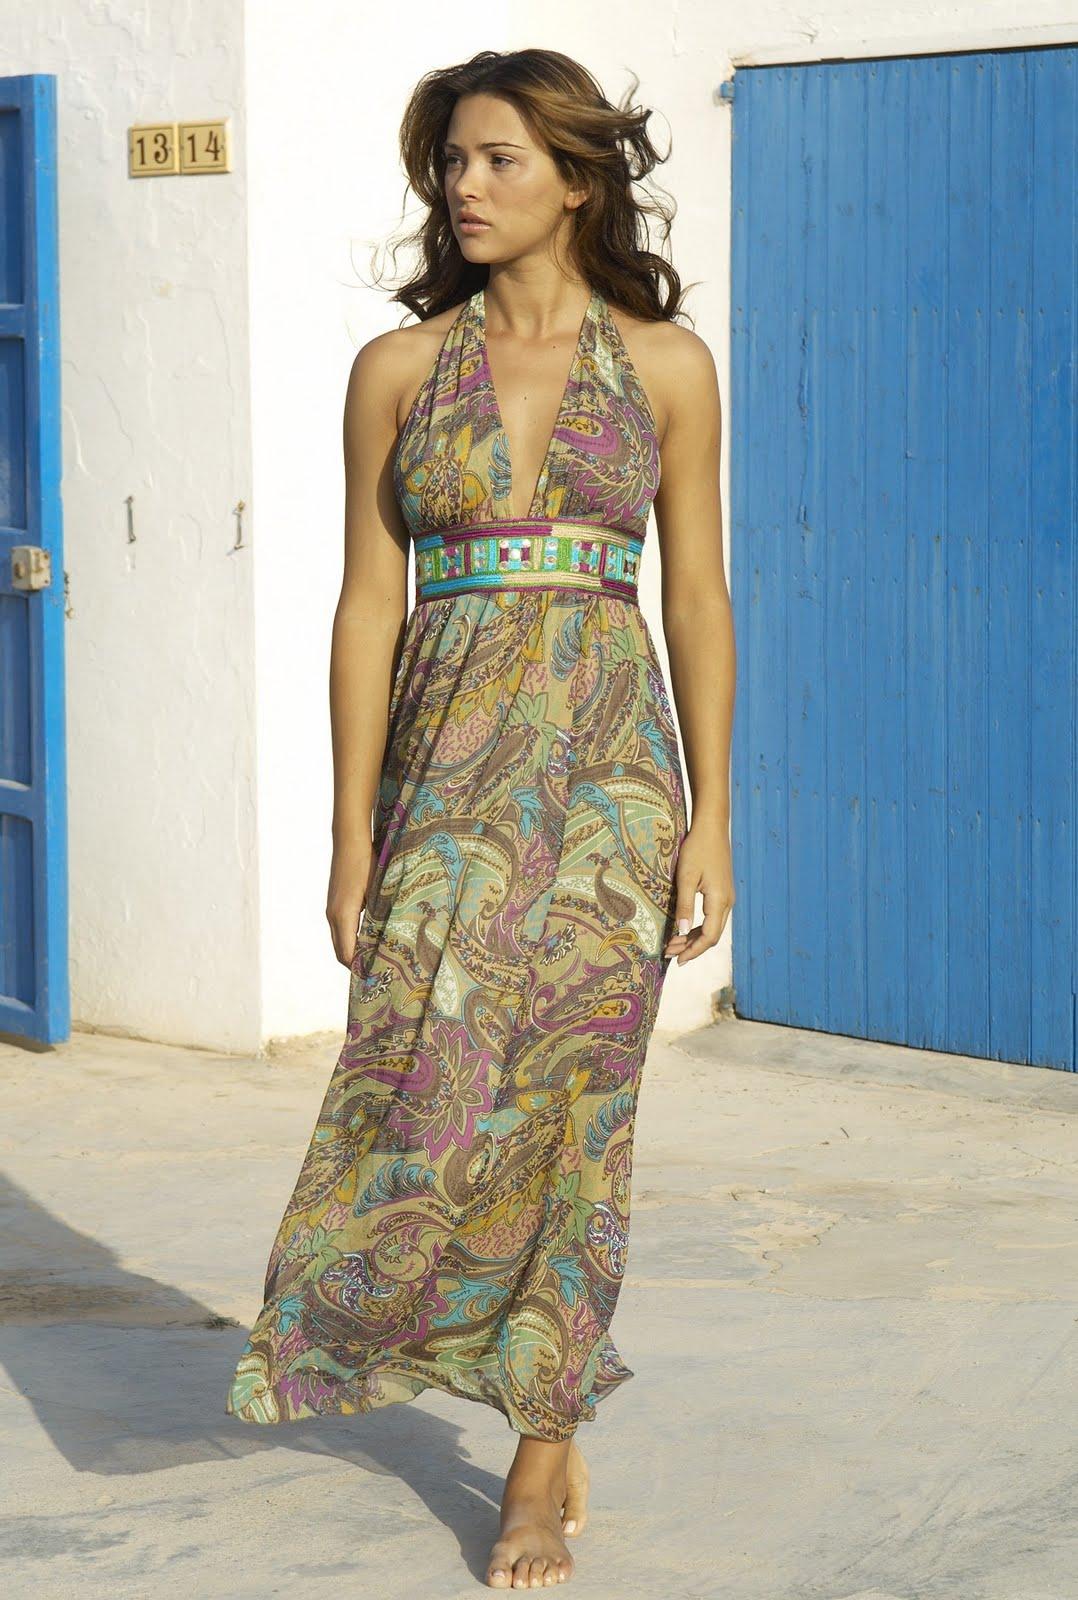 http://4.bp.blogspot.com/-sZRGSJd6YpY/TlC0VtDHYPI/AAAAAAAAEYo/05tlw3X1Oy4/s1600/Alina-Vacariu-life-style-2011-Alina-Vacariu-in-bikini-2011-fashion-trend-12.jpeg